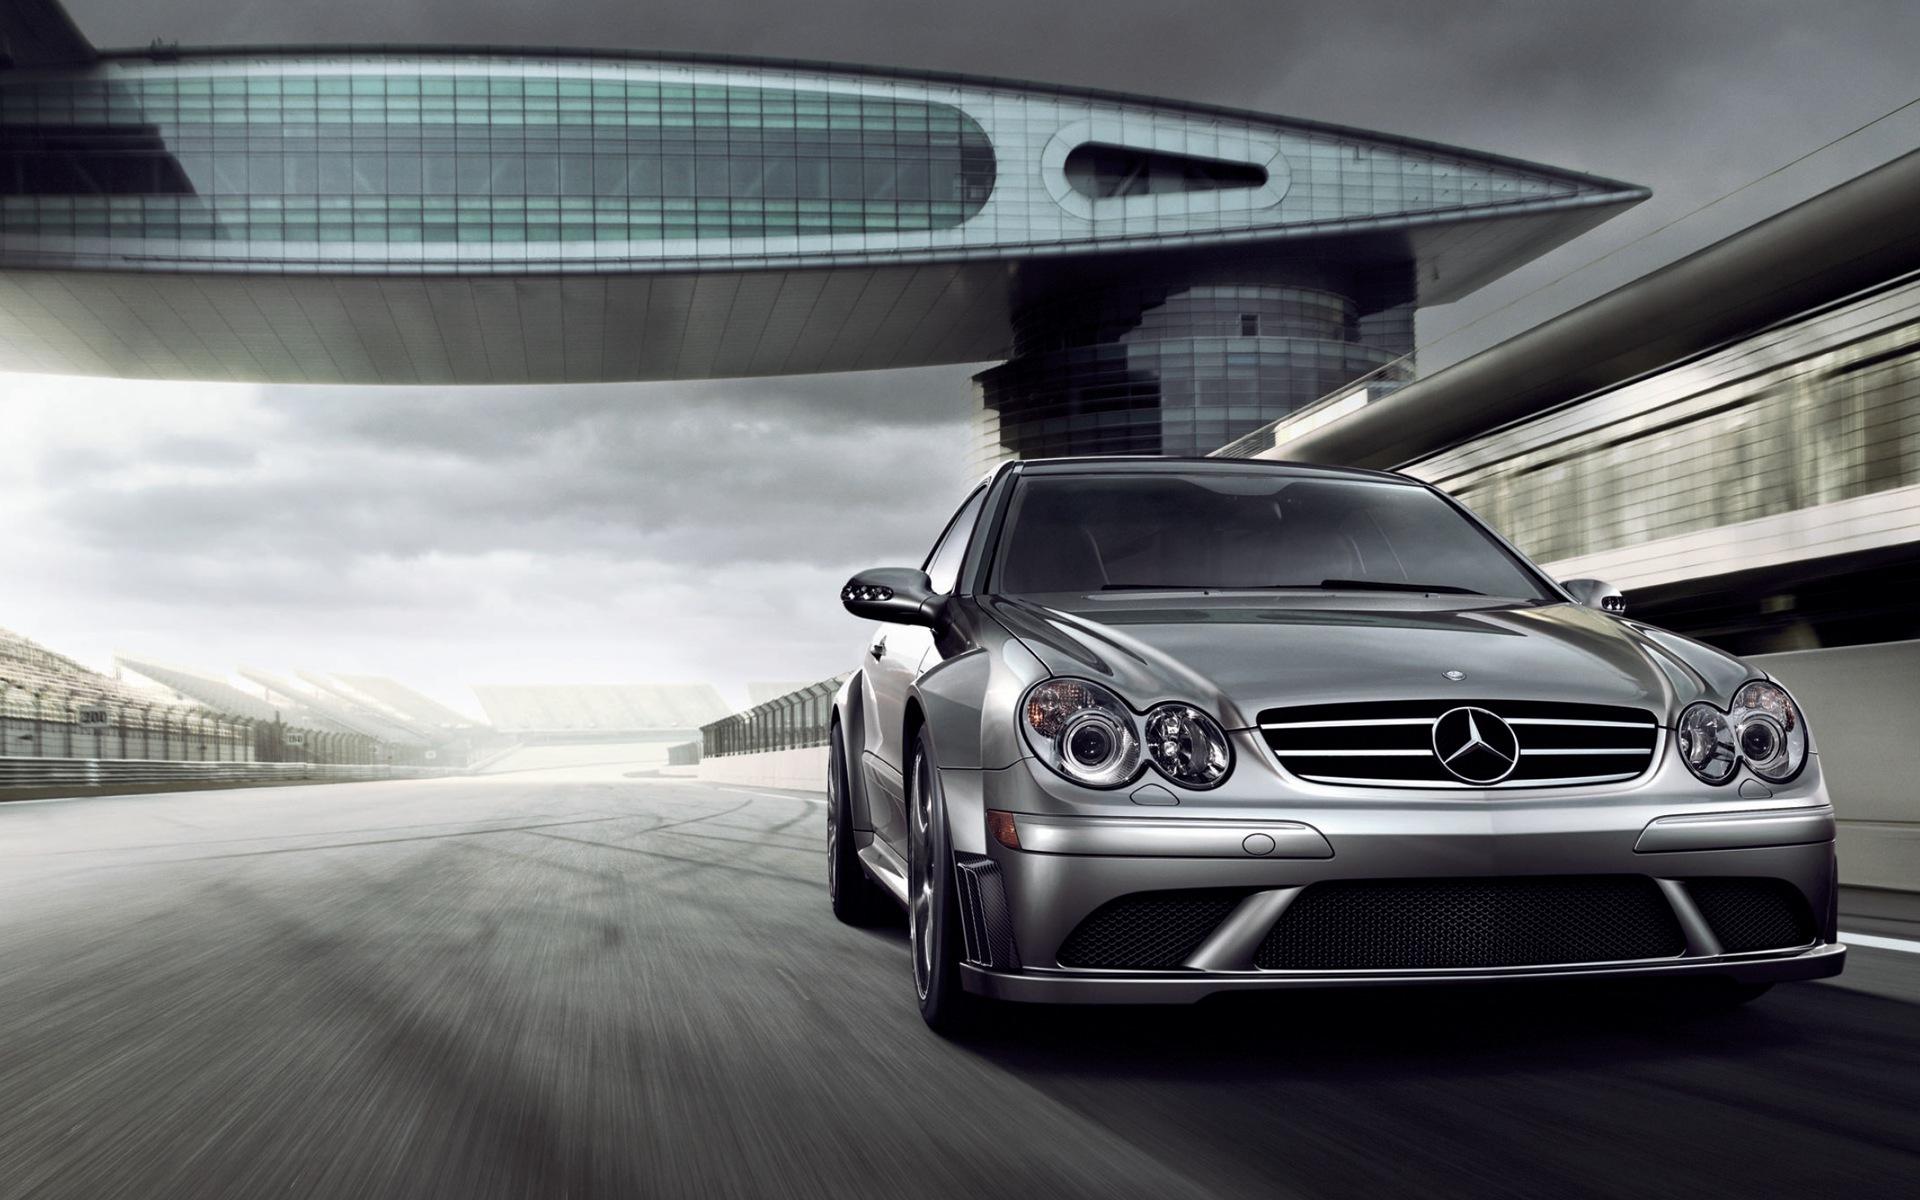 10464 скачать обои Транспорт, Машины, Мерседес (Mercedes) - заставки и картинки бесплатно